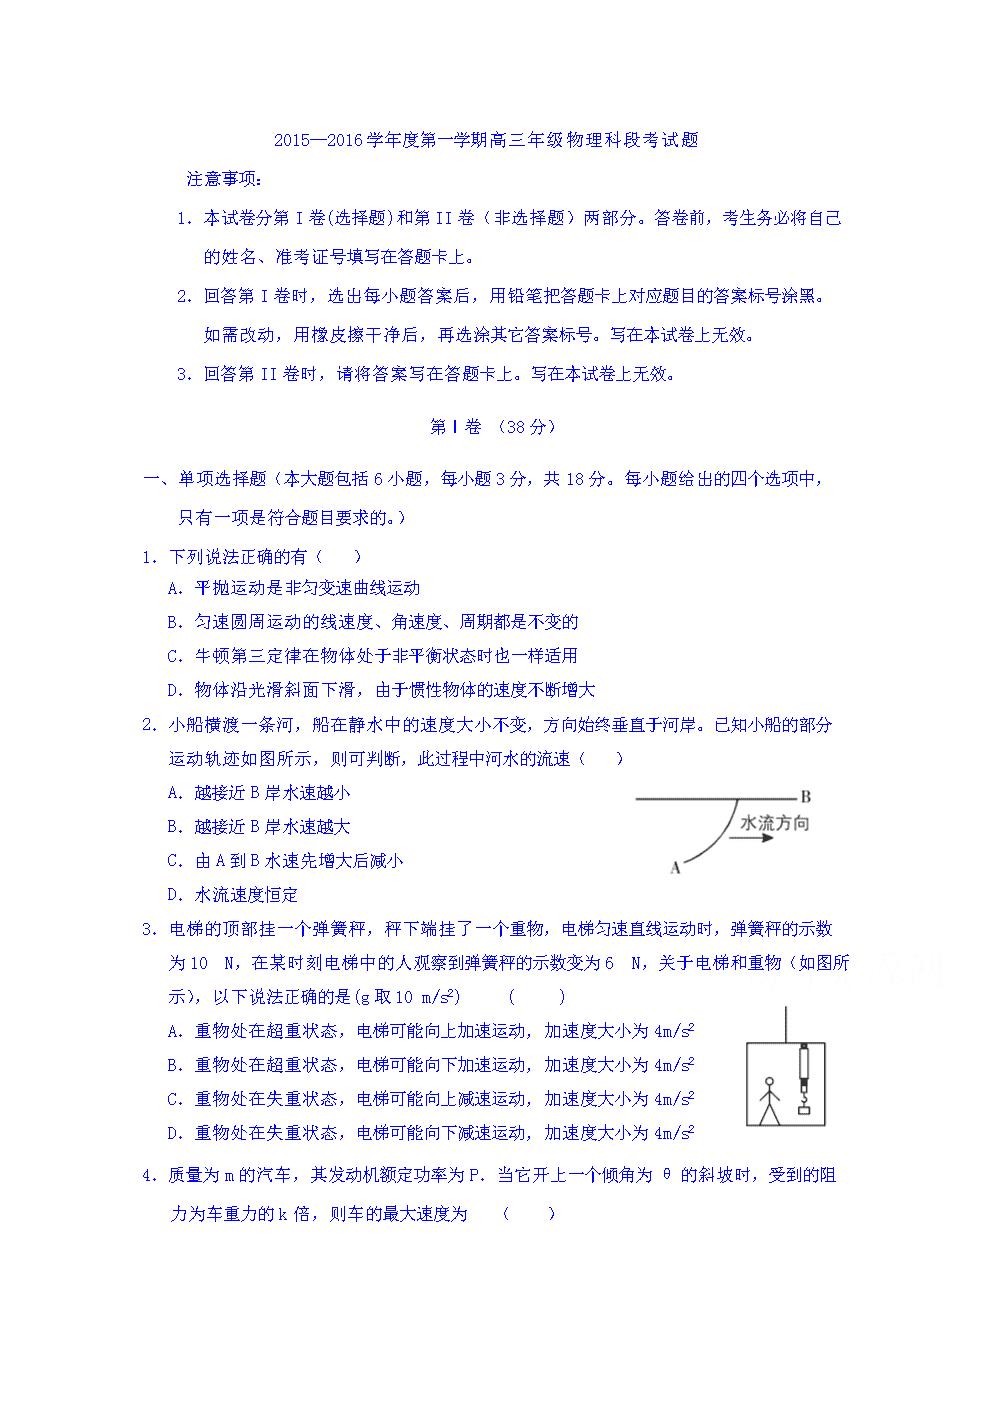 海南省昌江石碌英才学校高三上学期物理科段考试题 月月考 含答案.doc